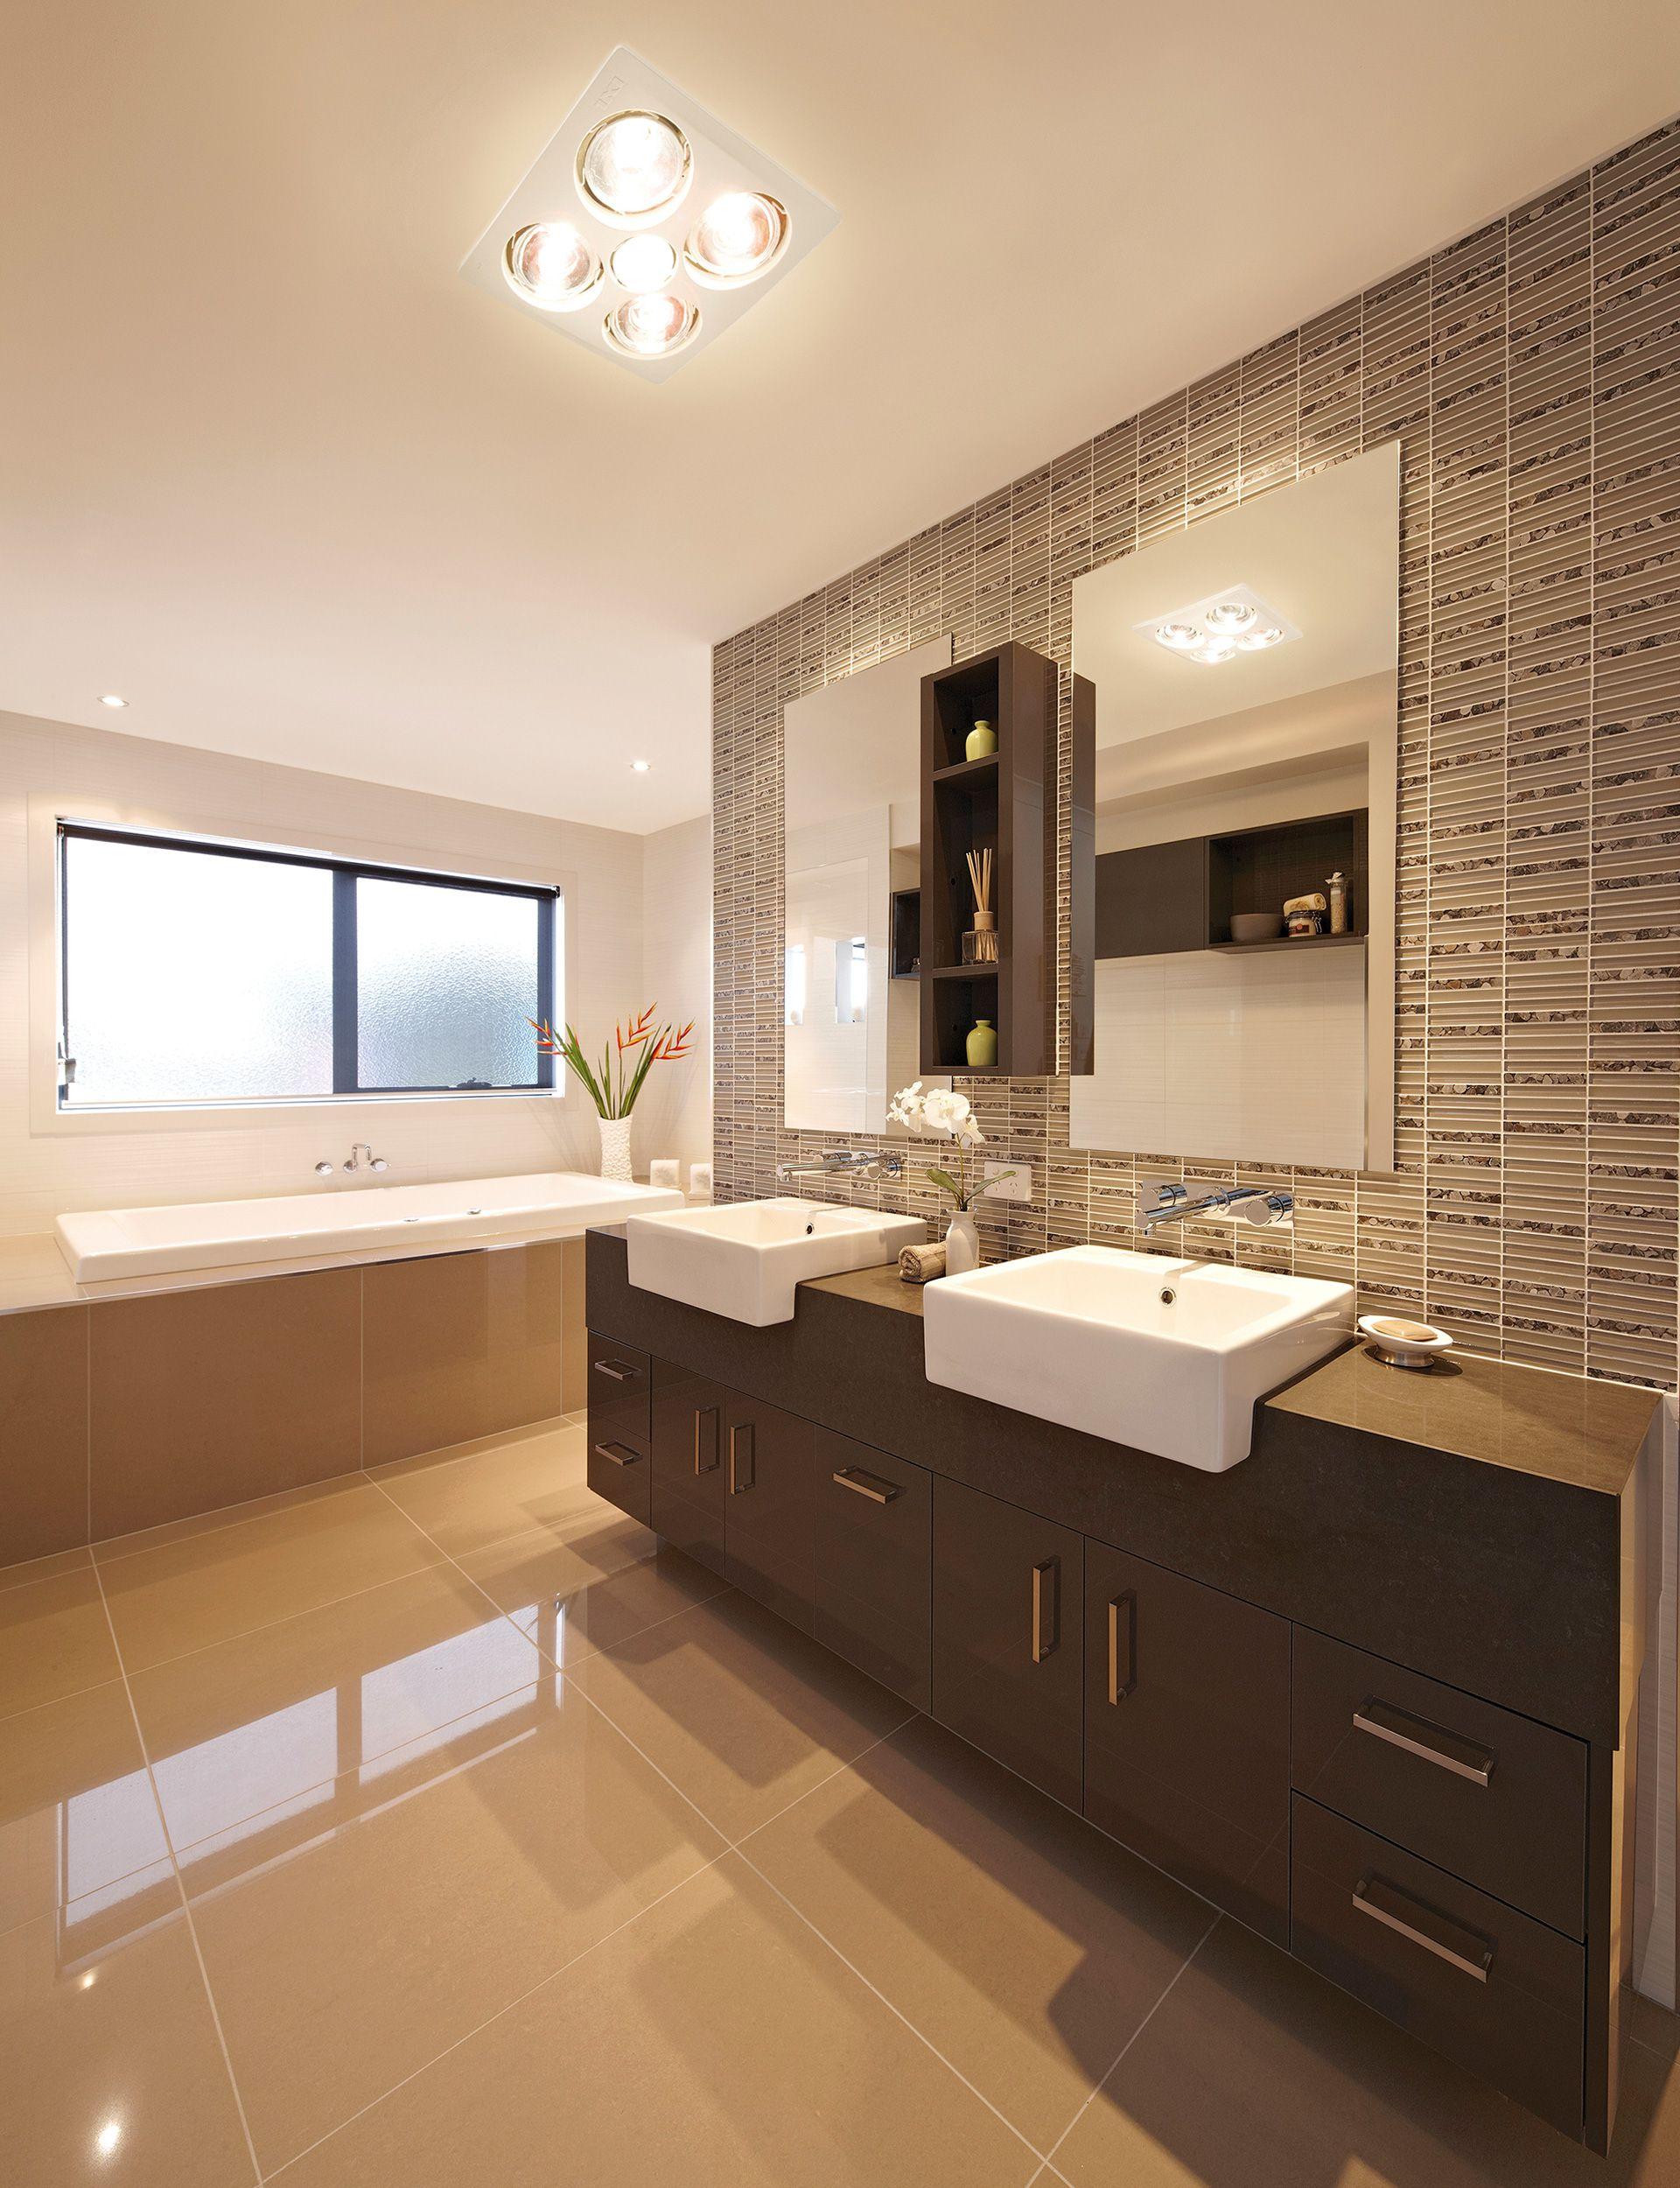 6 ways you can achieve an eco-friendly bathroom - | Bathroom ...